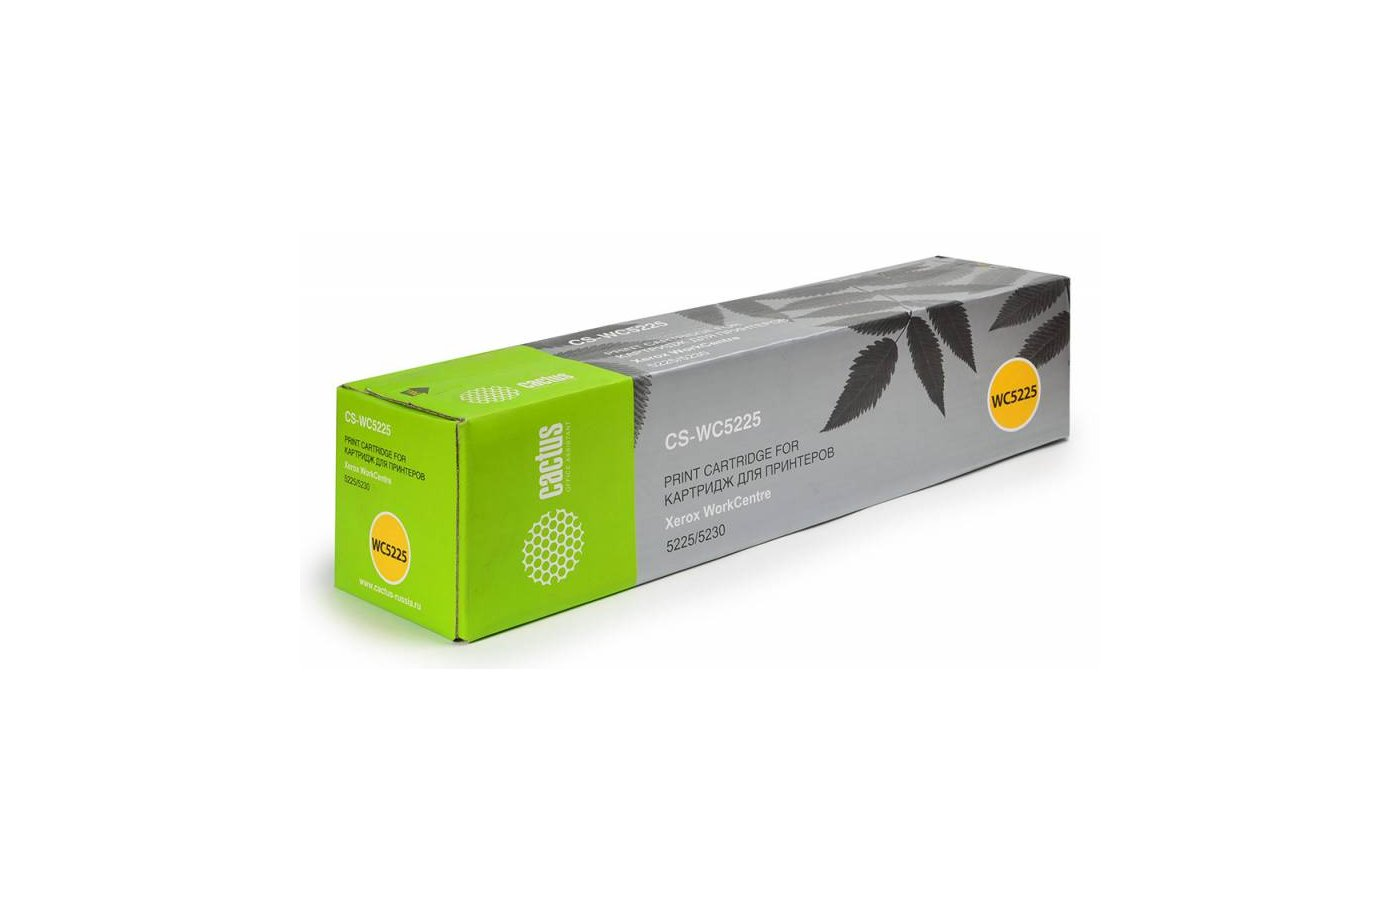 Картридж лазерный Cactus CS-WC5225 (106R01305) совместимый черный для Xerox 5225/5230 (30000стр.)